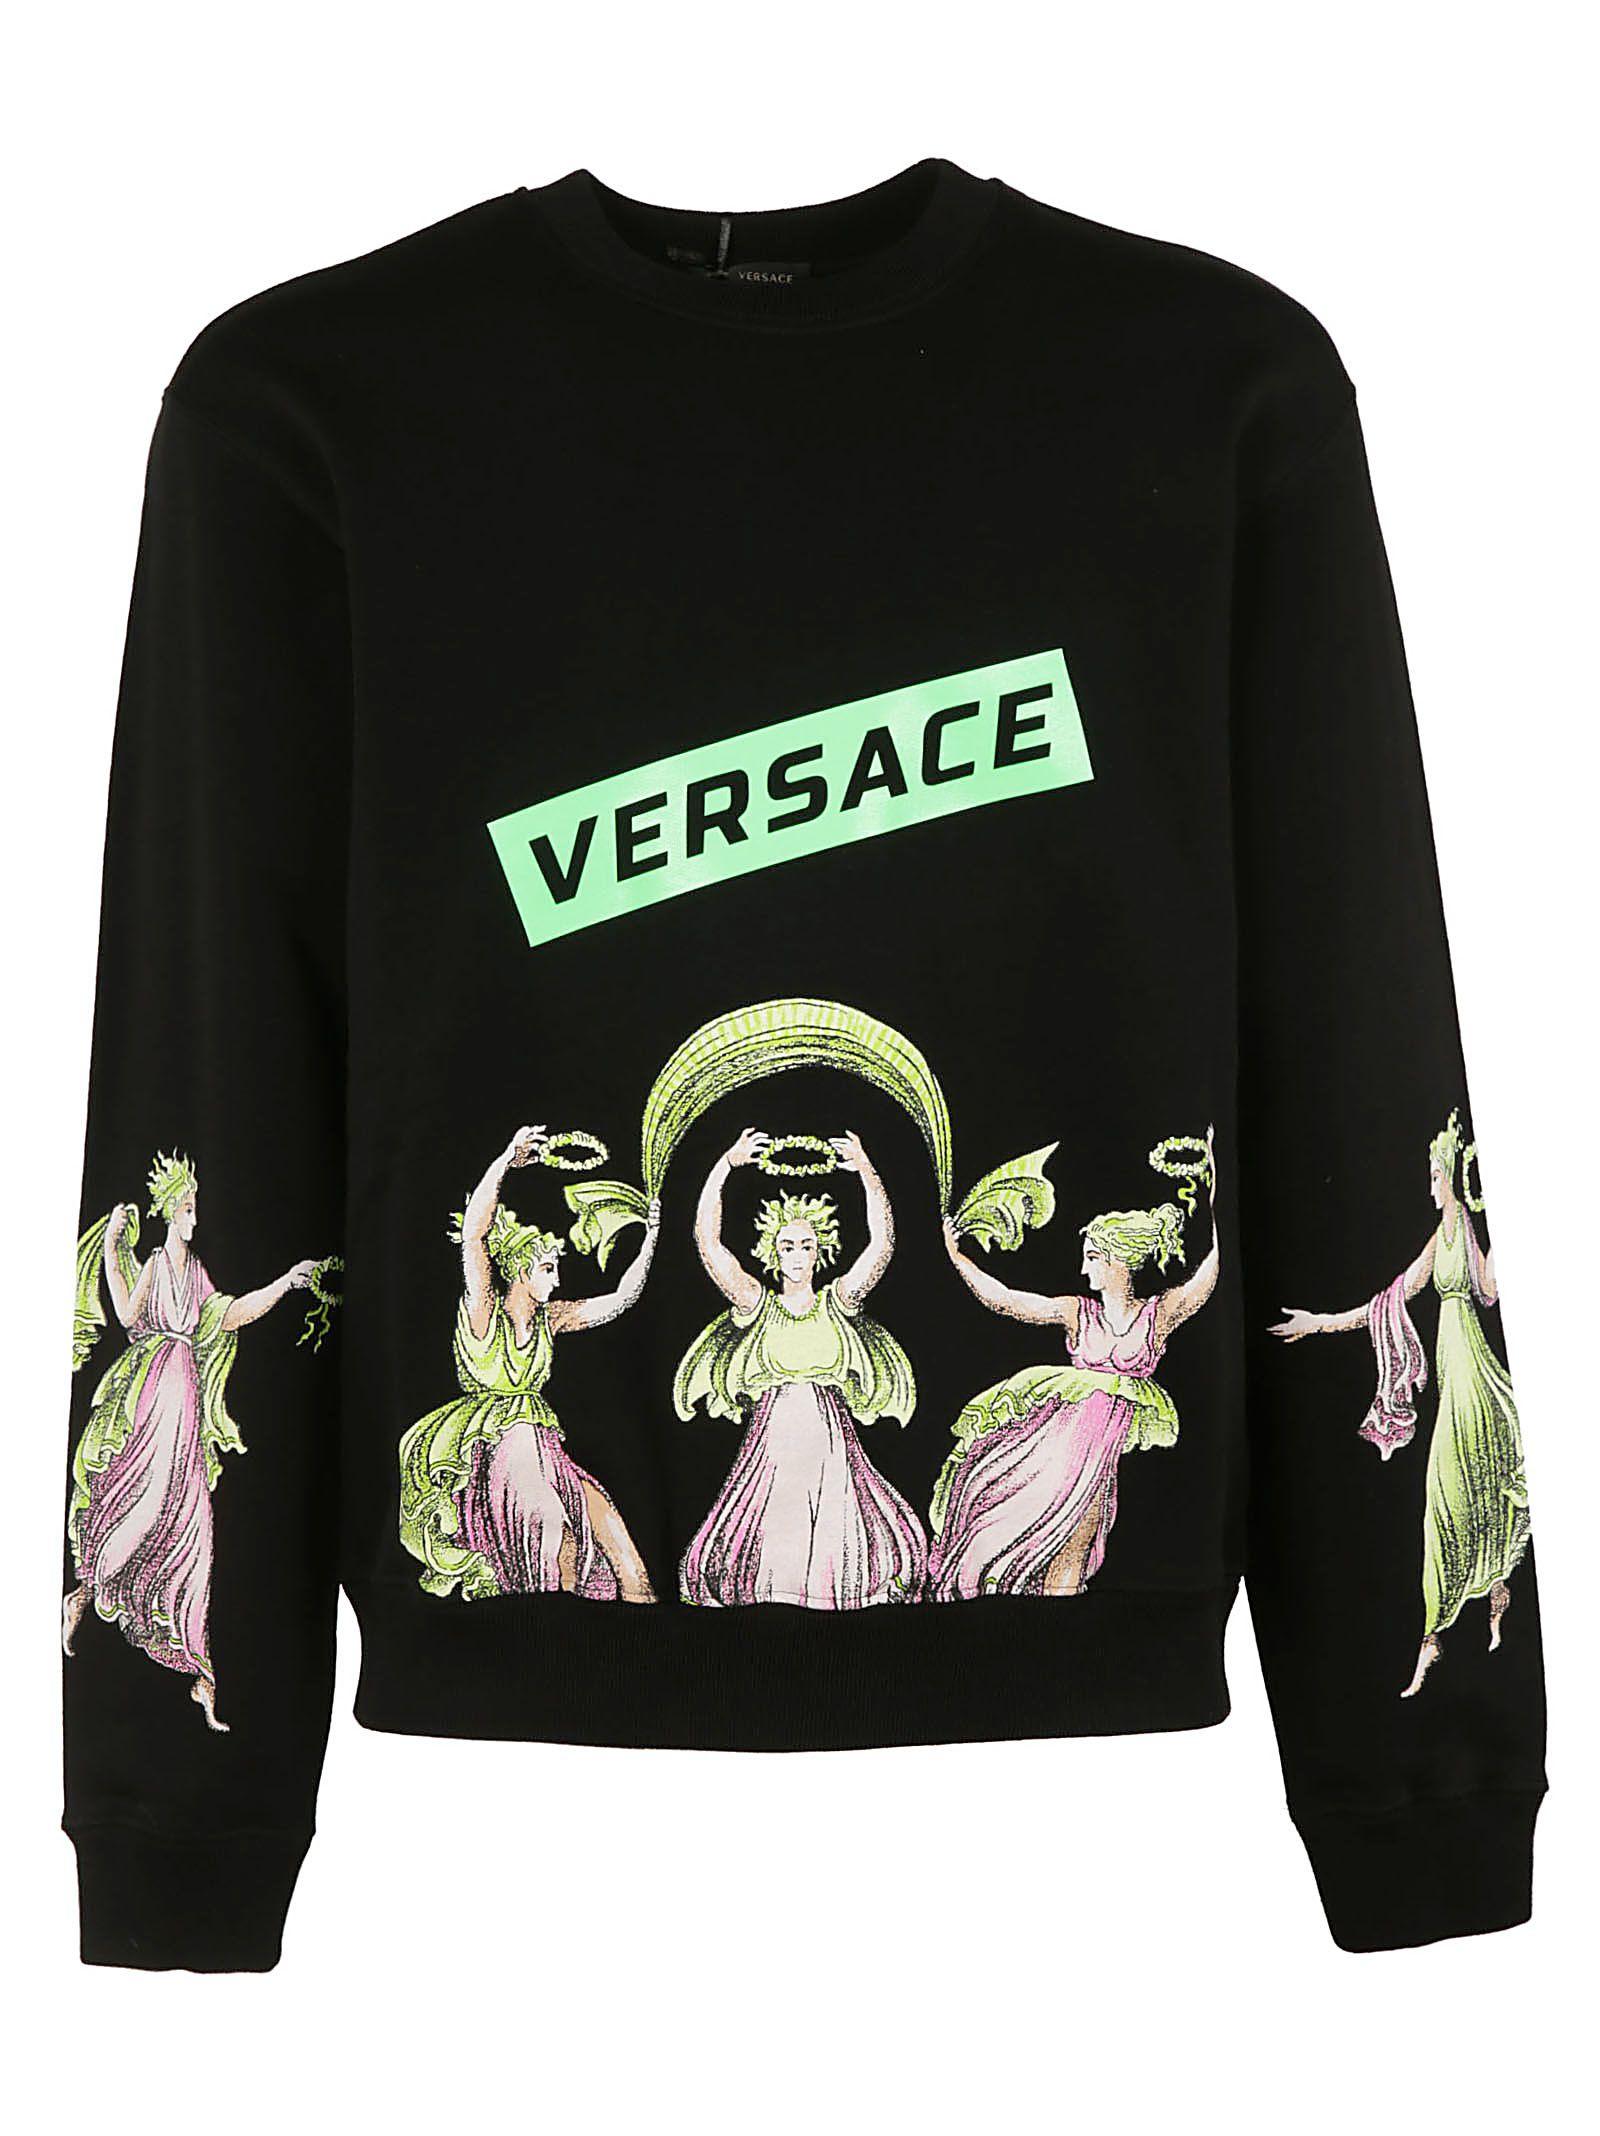 Versace Cupid And Psyche Sweatshirt